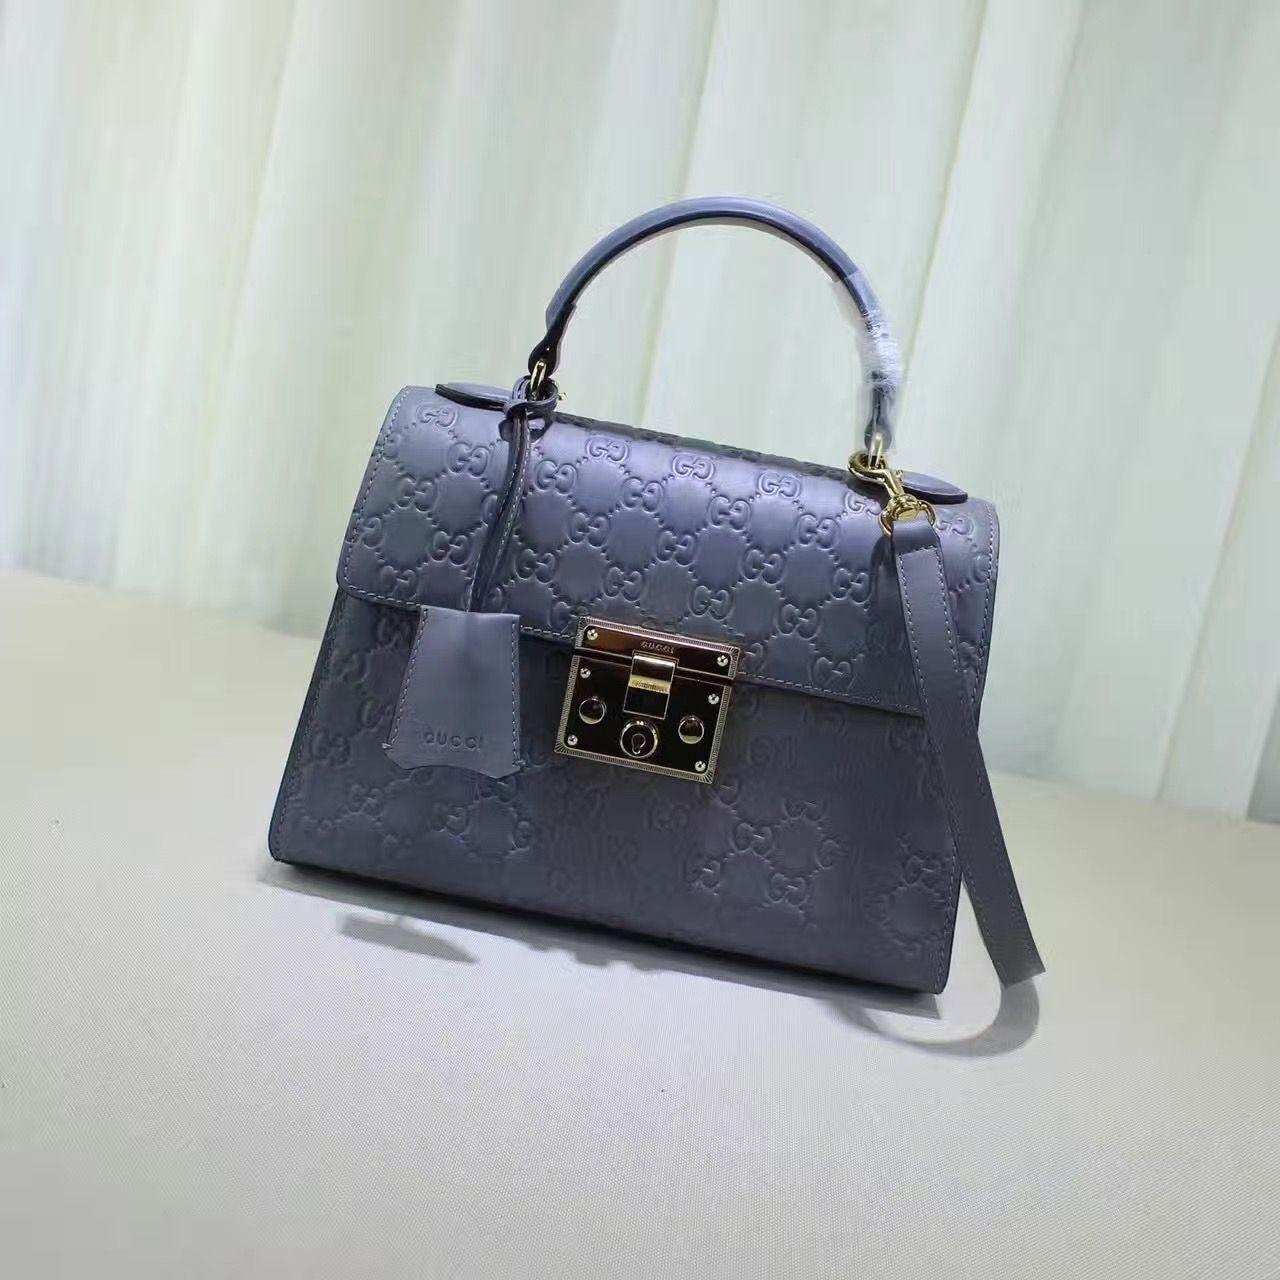 7d94f9552c72 Gucci Padlock Signature Top Handle Bag 100% Authentic   Real Gucci Wallets